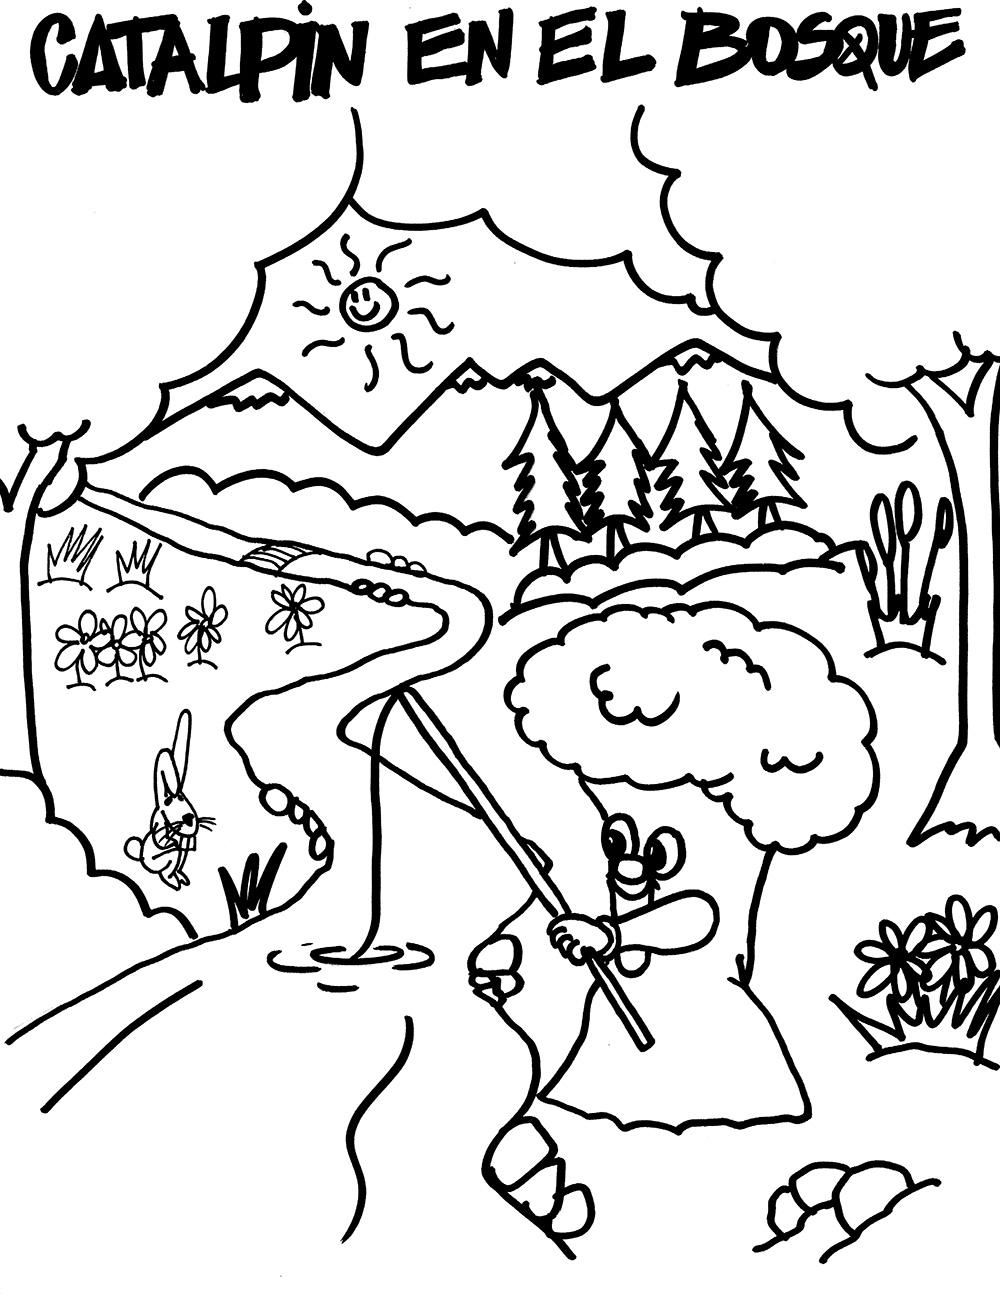 Catalpin en el Bosque